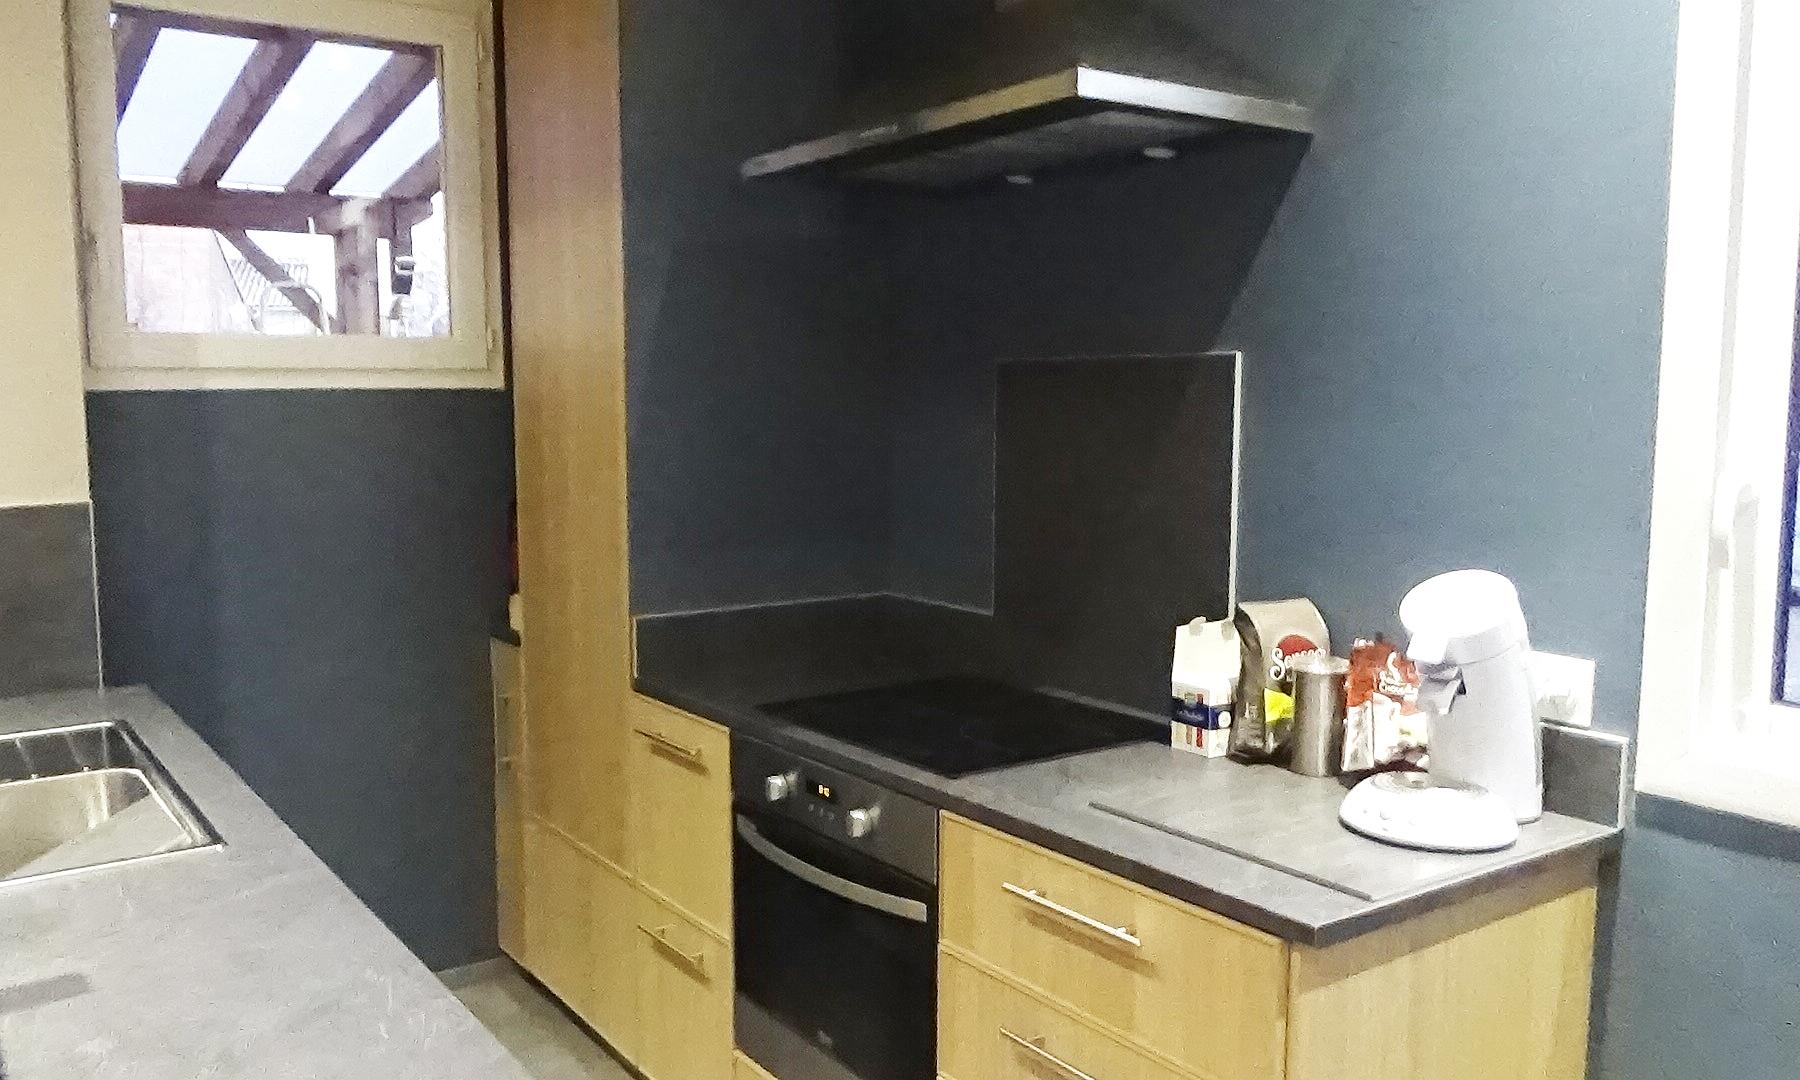 La cuisine de la salle disponible à la location